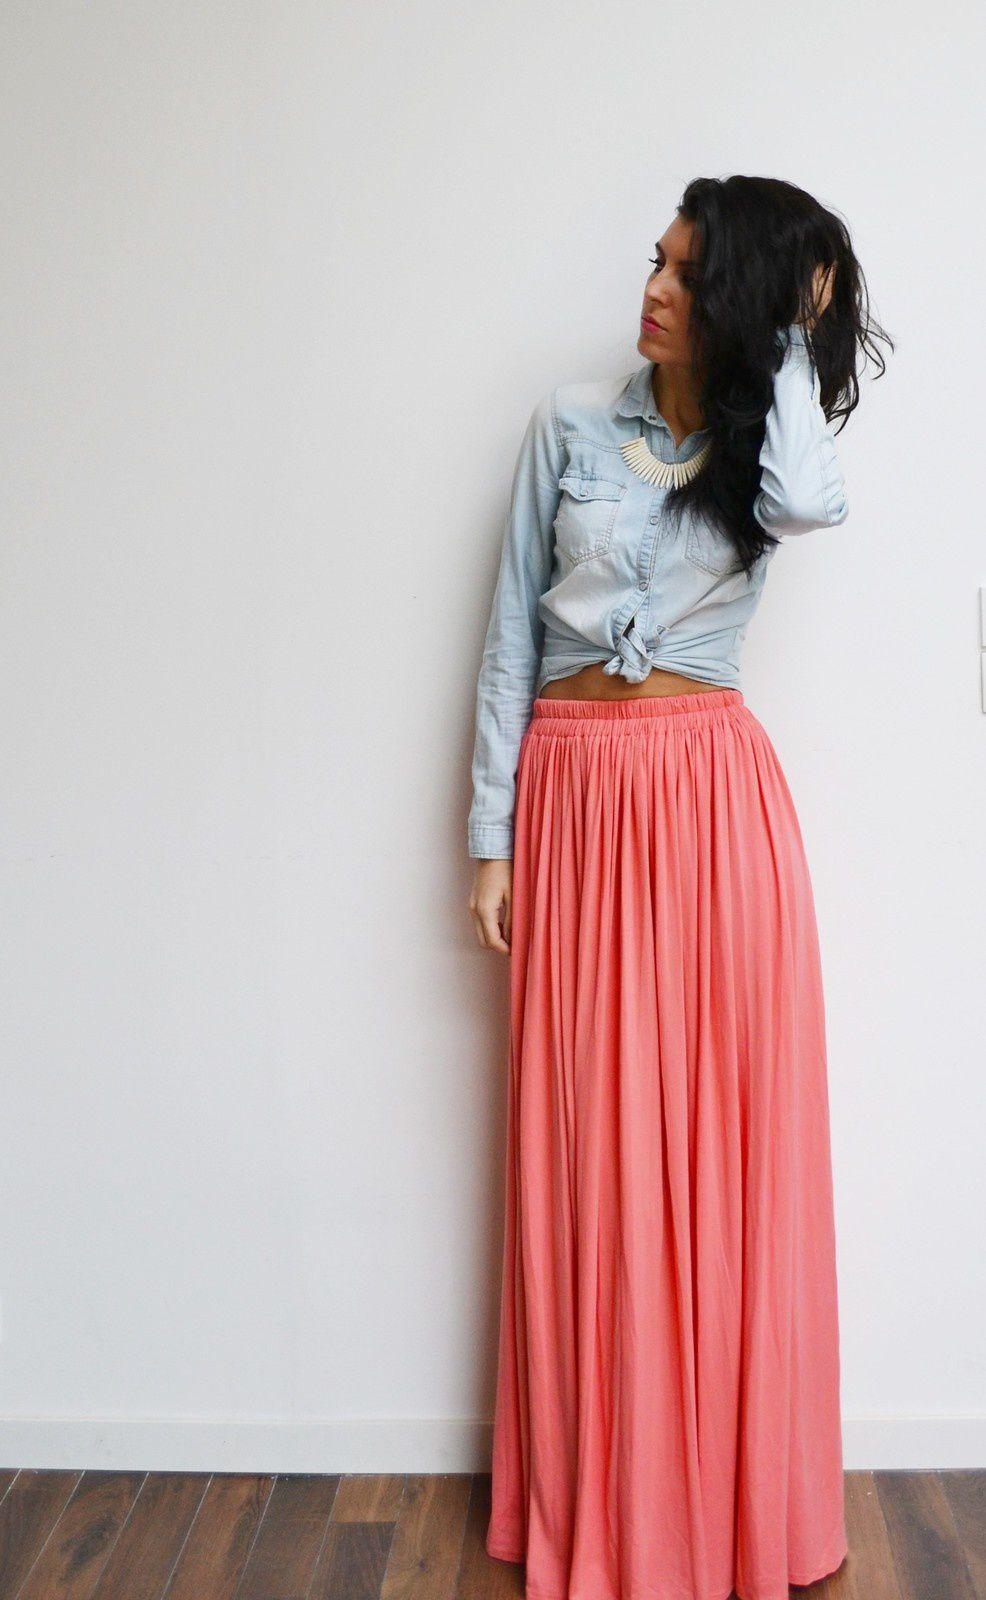 maxi jupe longue corail rose taille haute fluide et pliss e tendance t style boh me menina. Black Bedroom Furniture Sets. Home Design Ideas